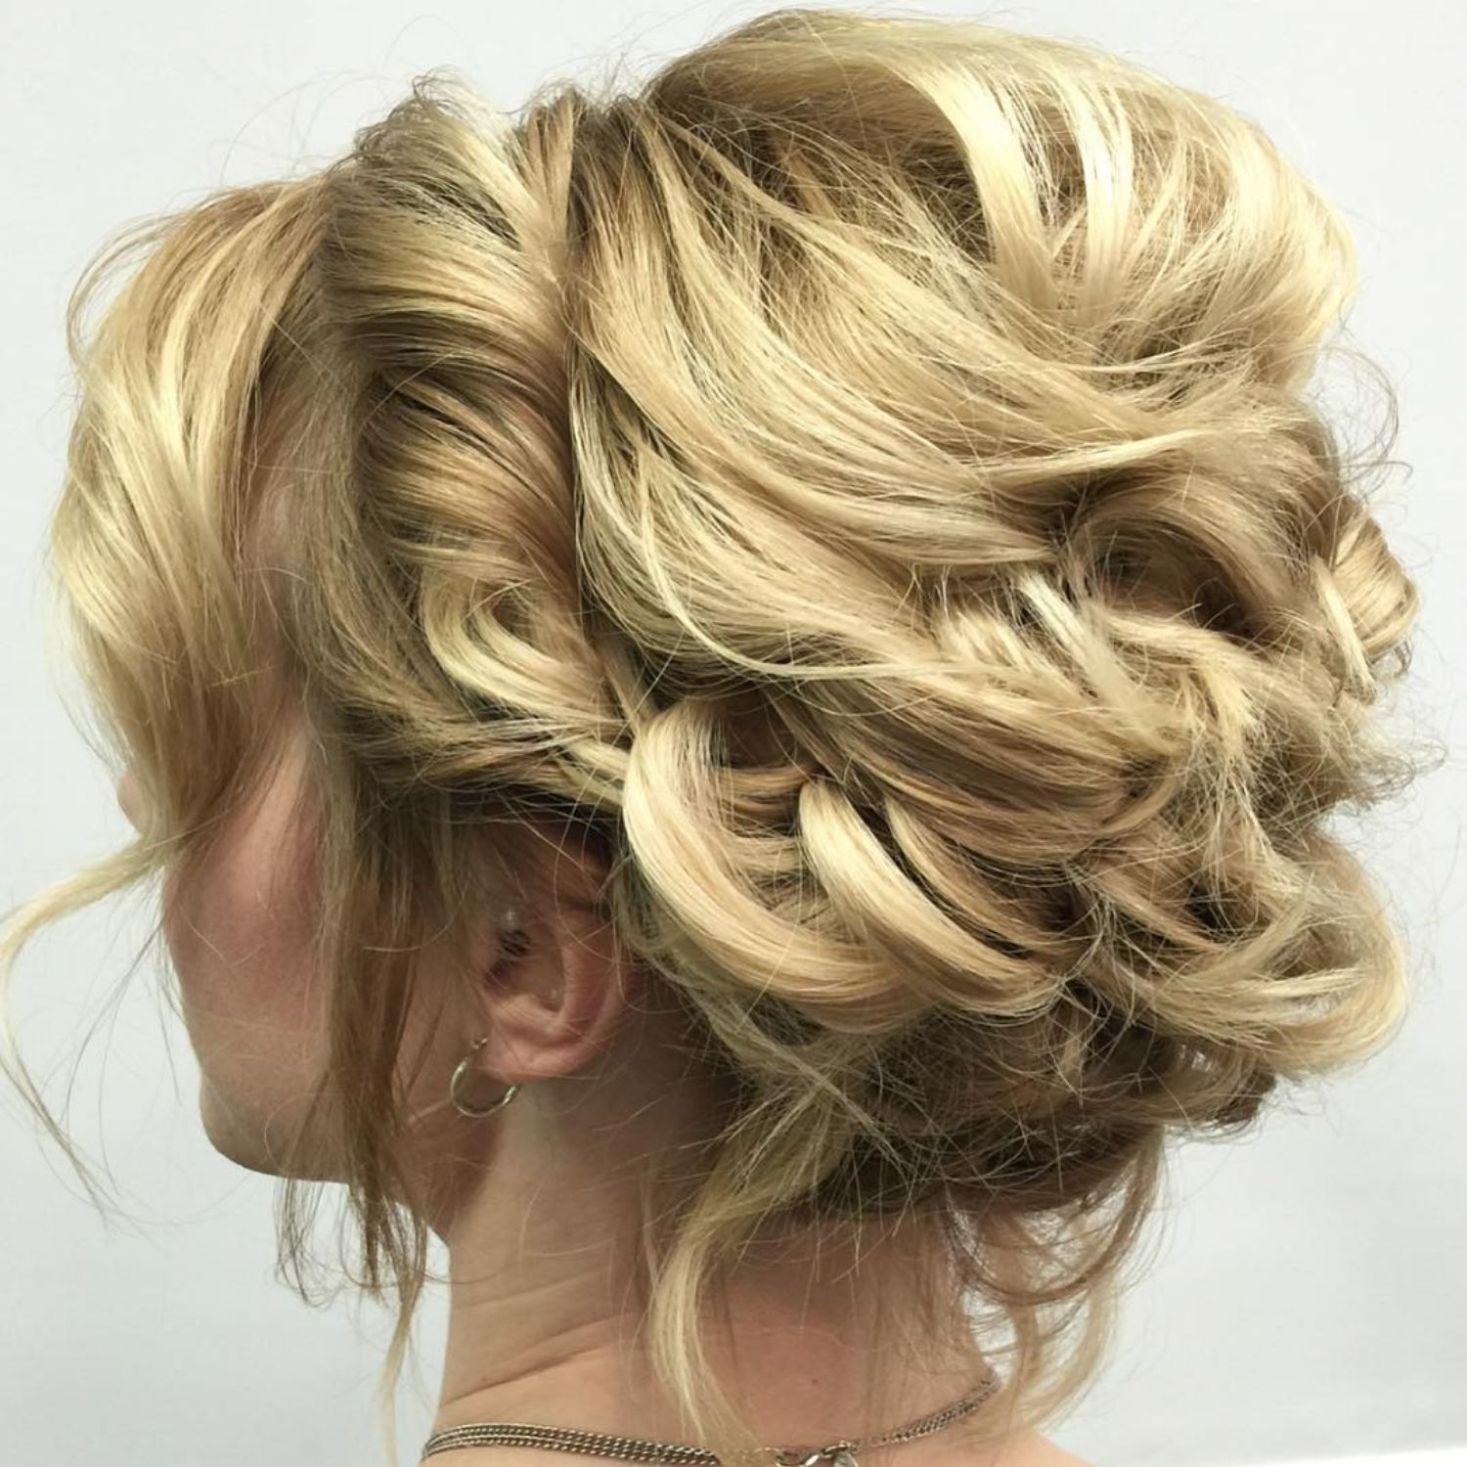 Blonde Messy Updo For Shorter Hair   Short hair updo ...